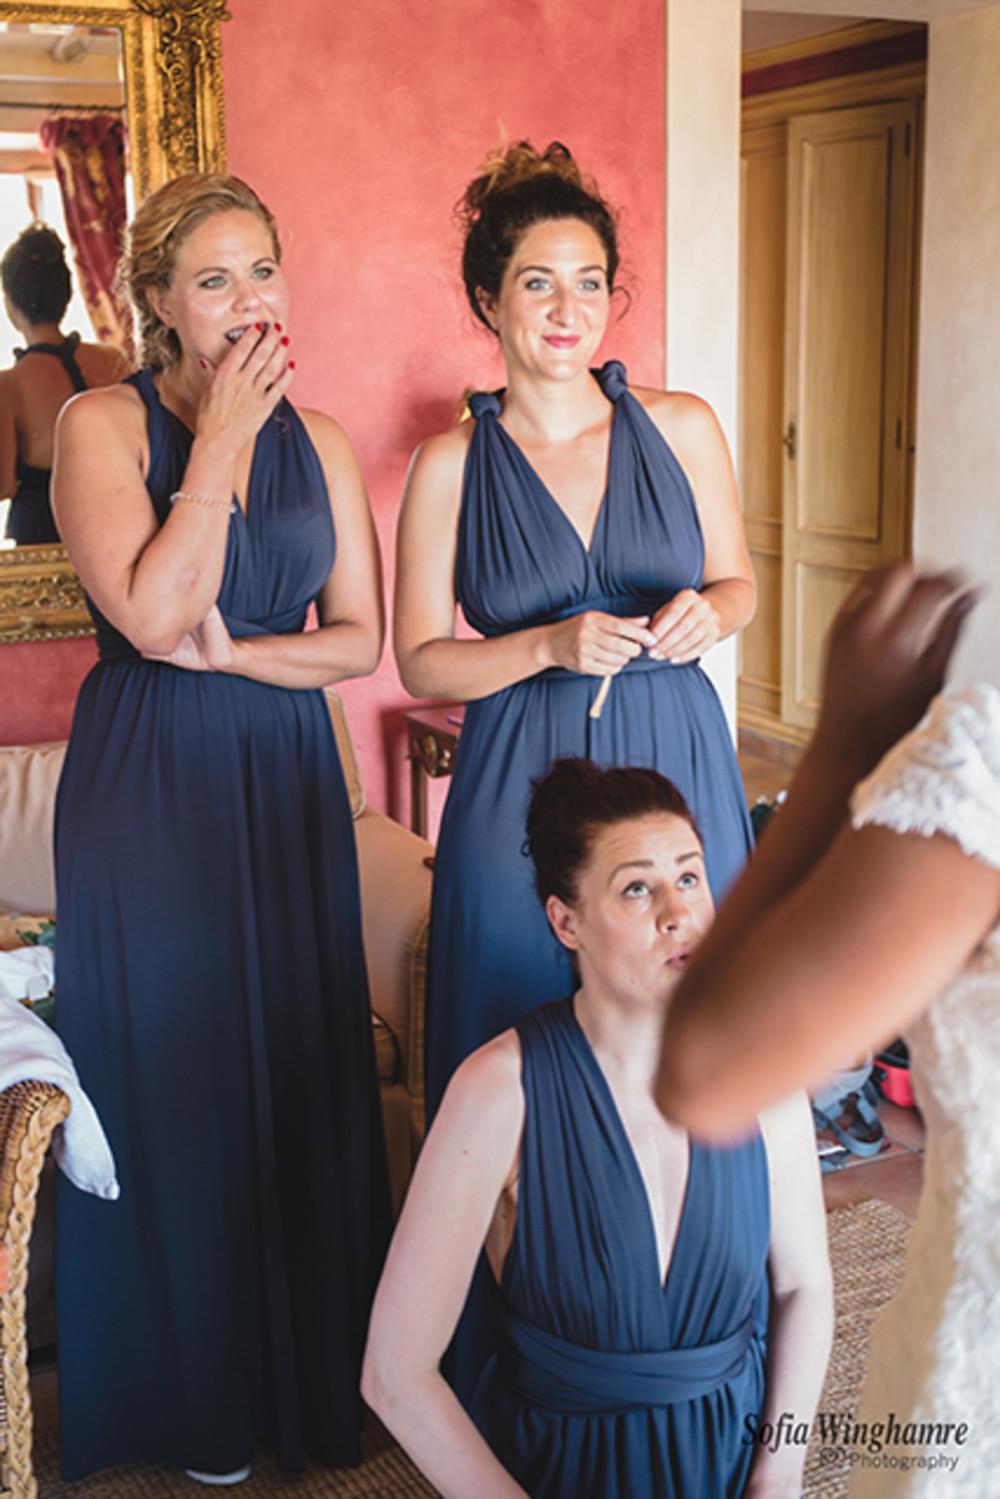 The bridesmaids admiring the bride.